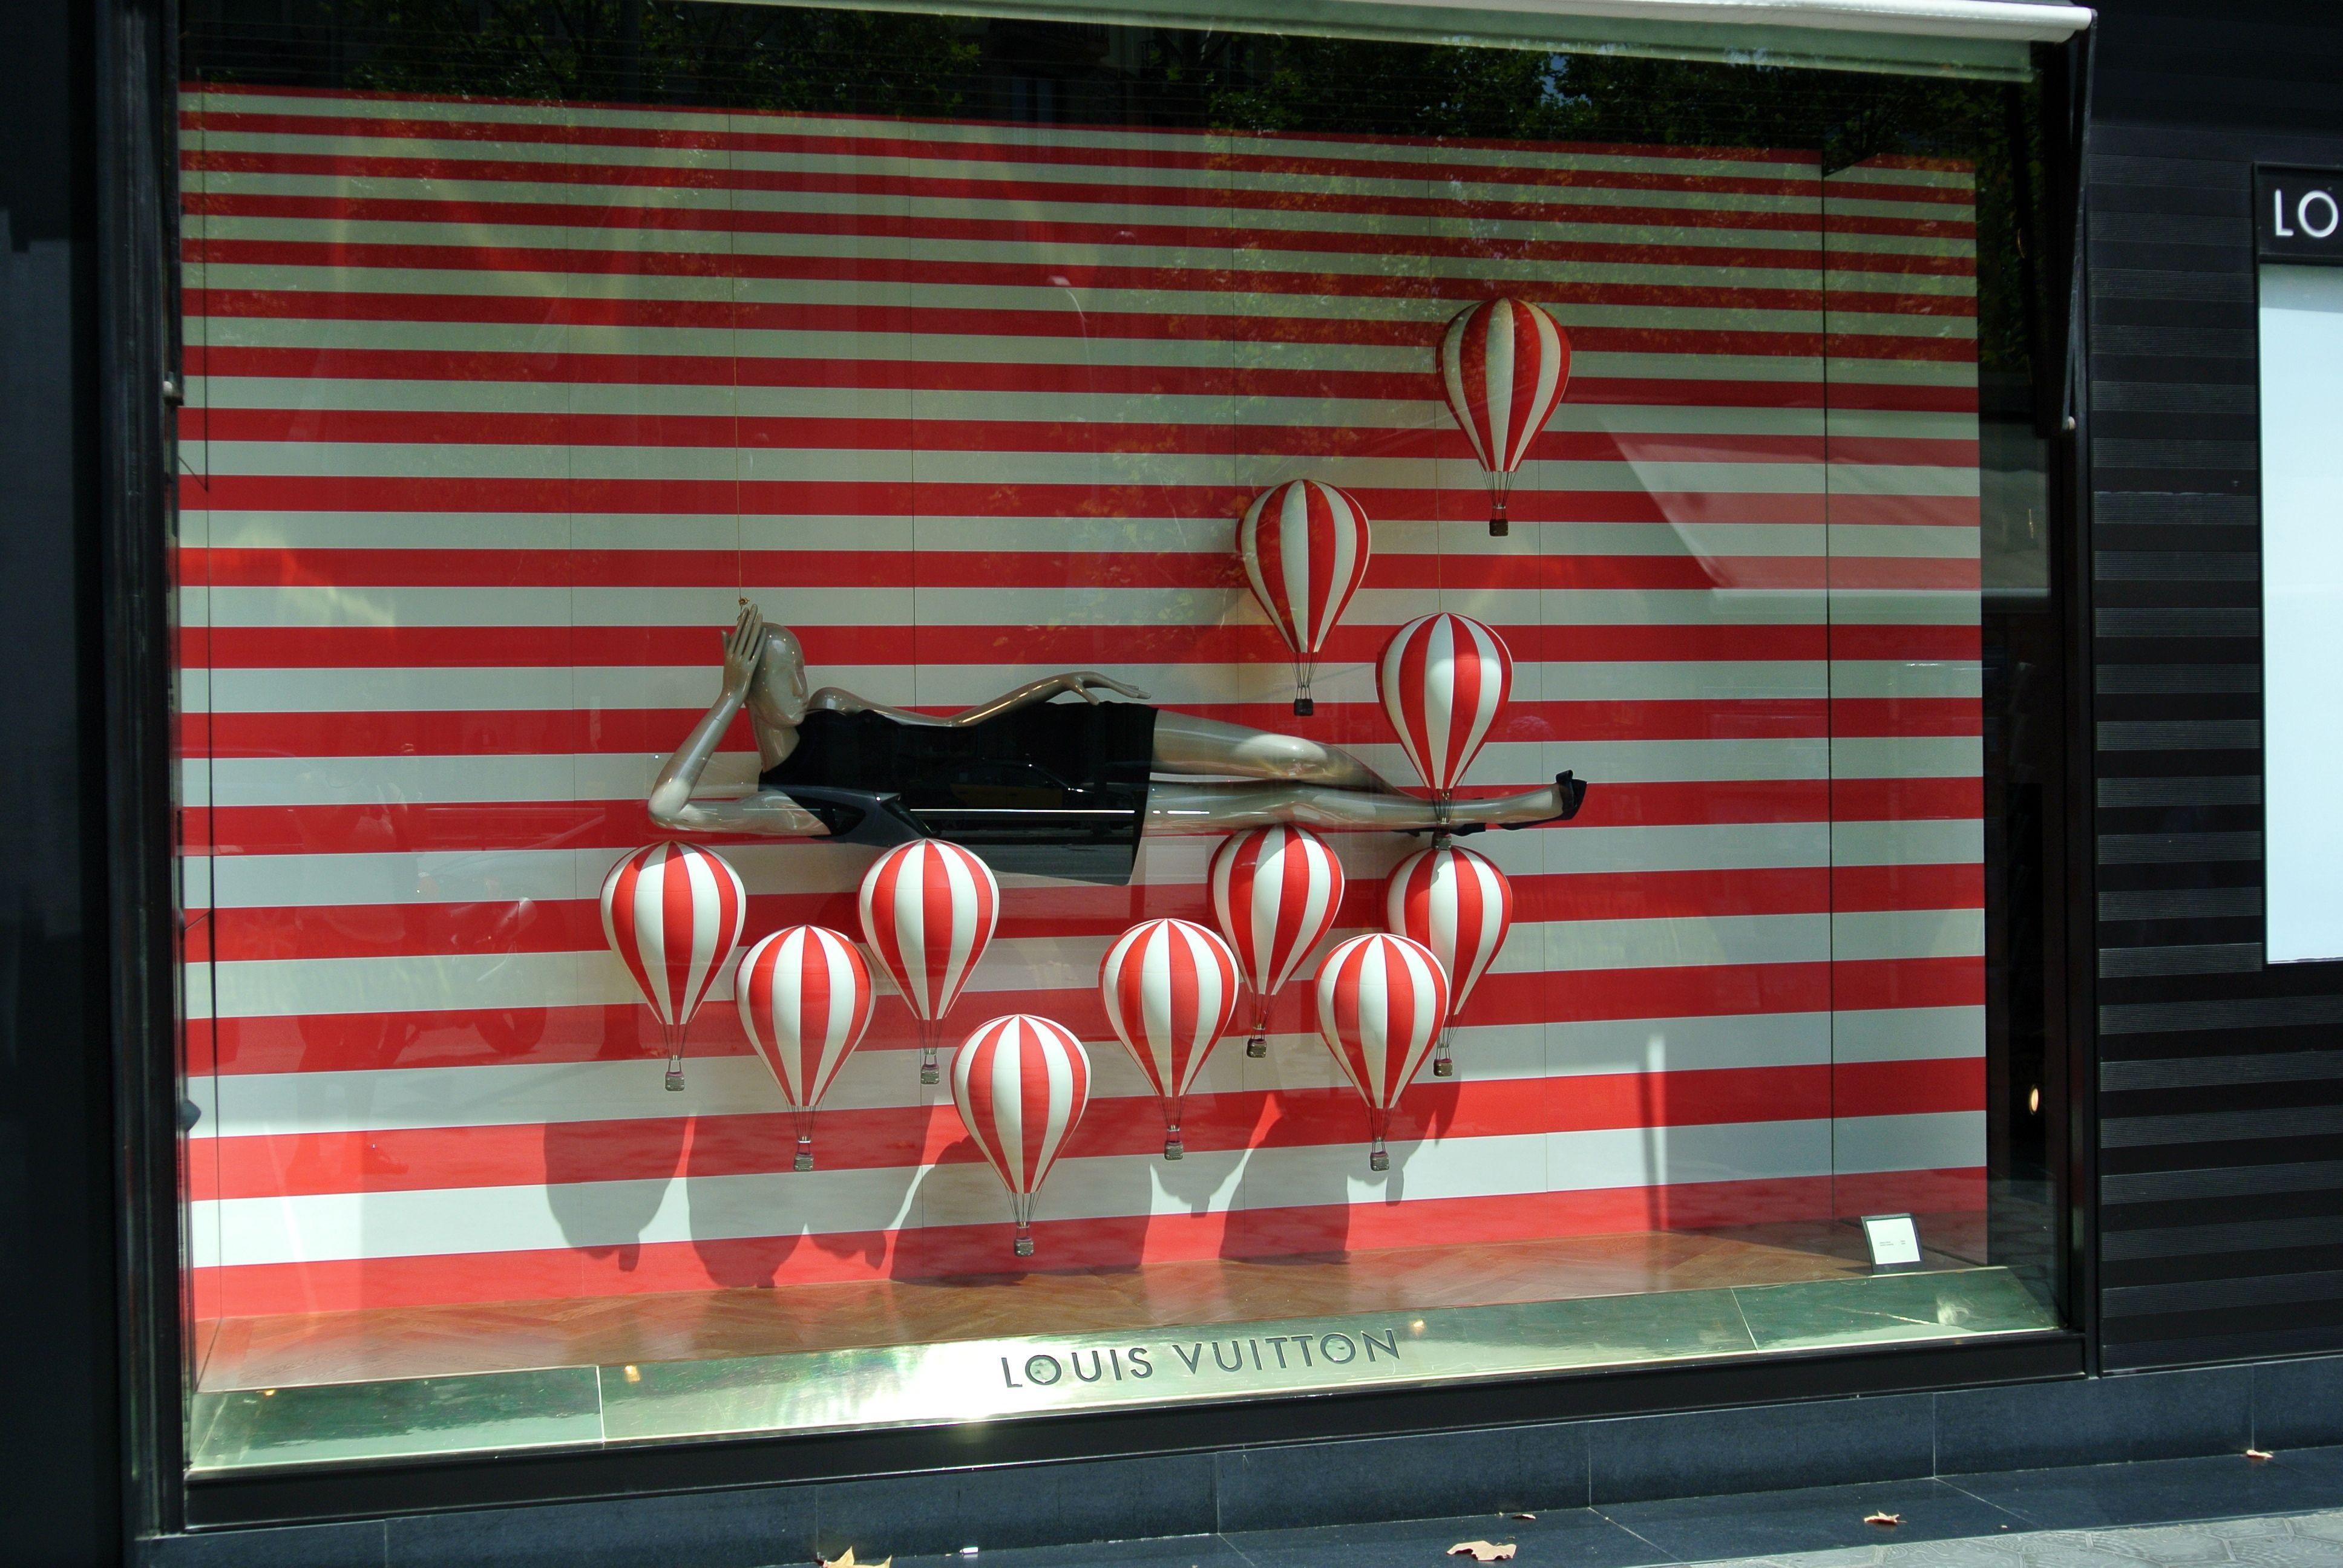 Barcelona Etalage Louis Vuitton Etalage Zomer Etalage Etalages